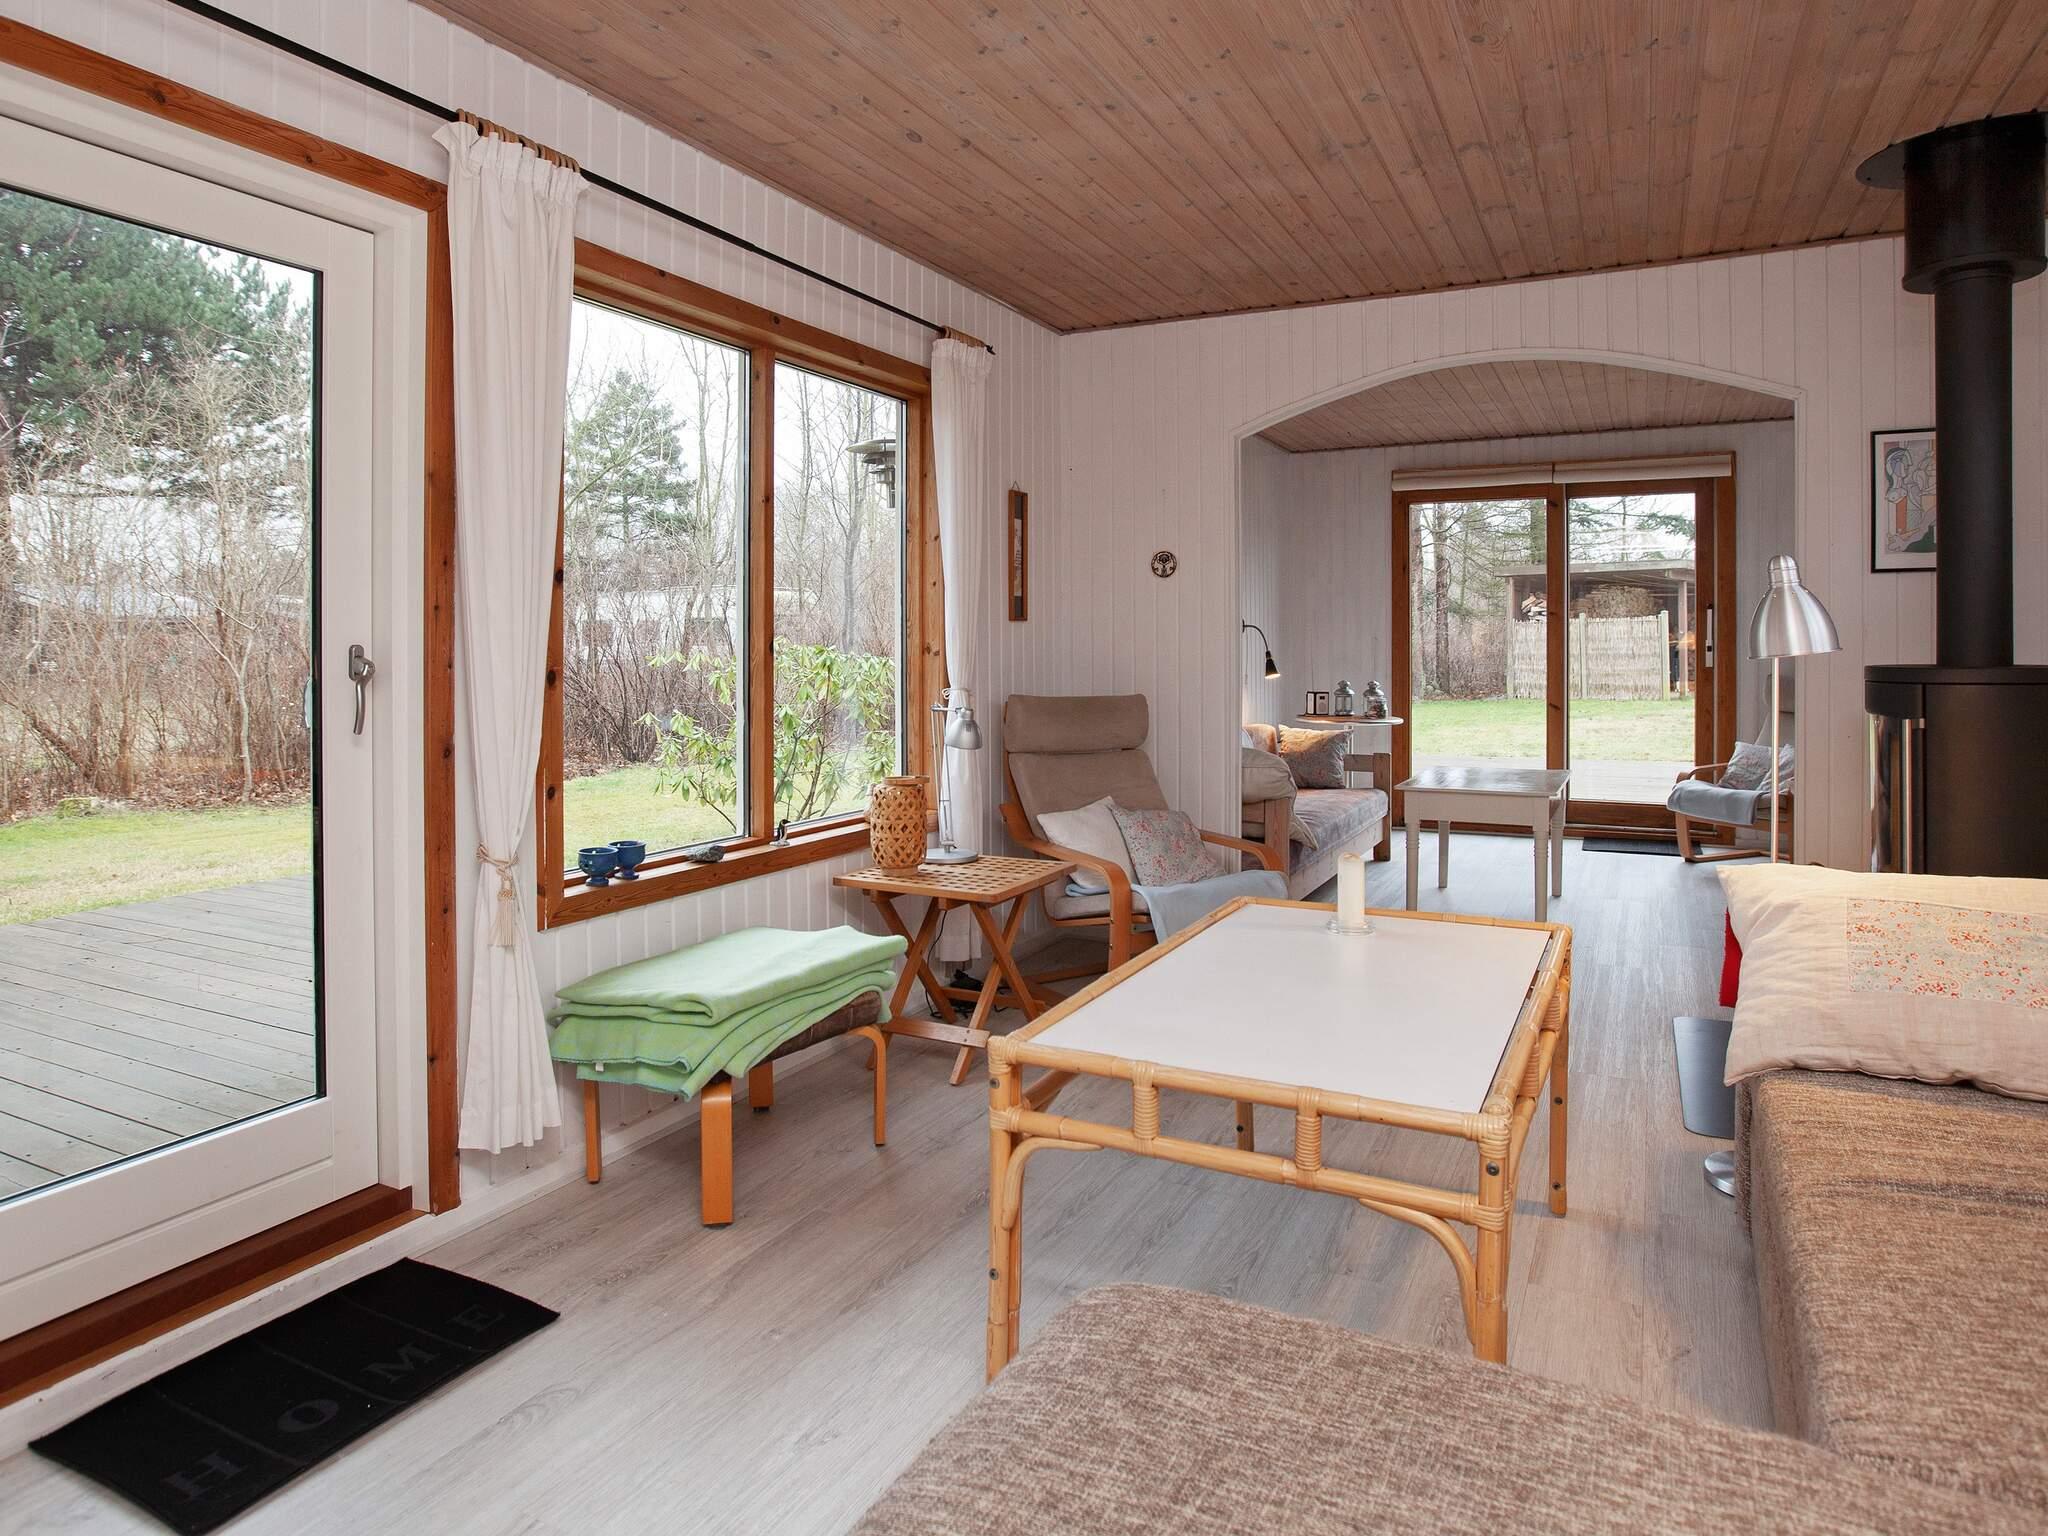 Ferienhaus Kulhuse (2557364), Kulhuse, , Nordseeland, Dänemark, Bild 3